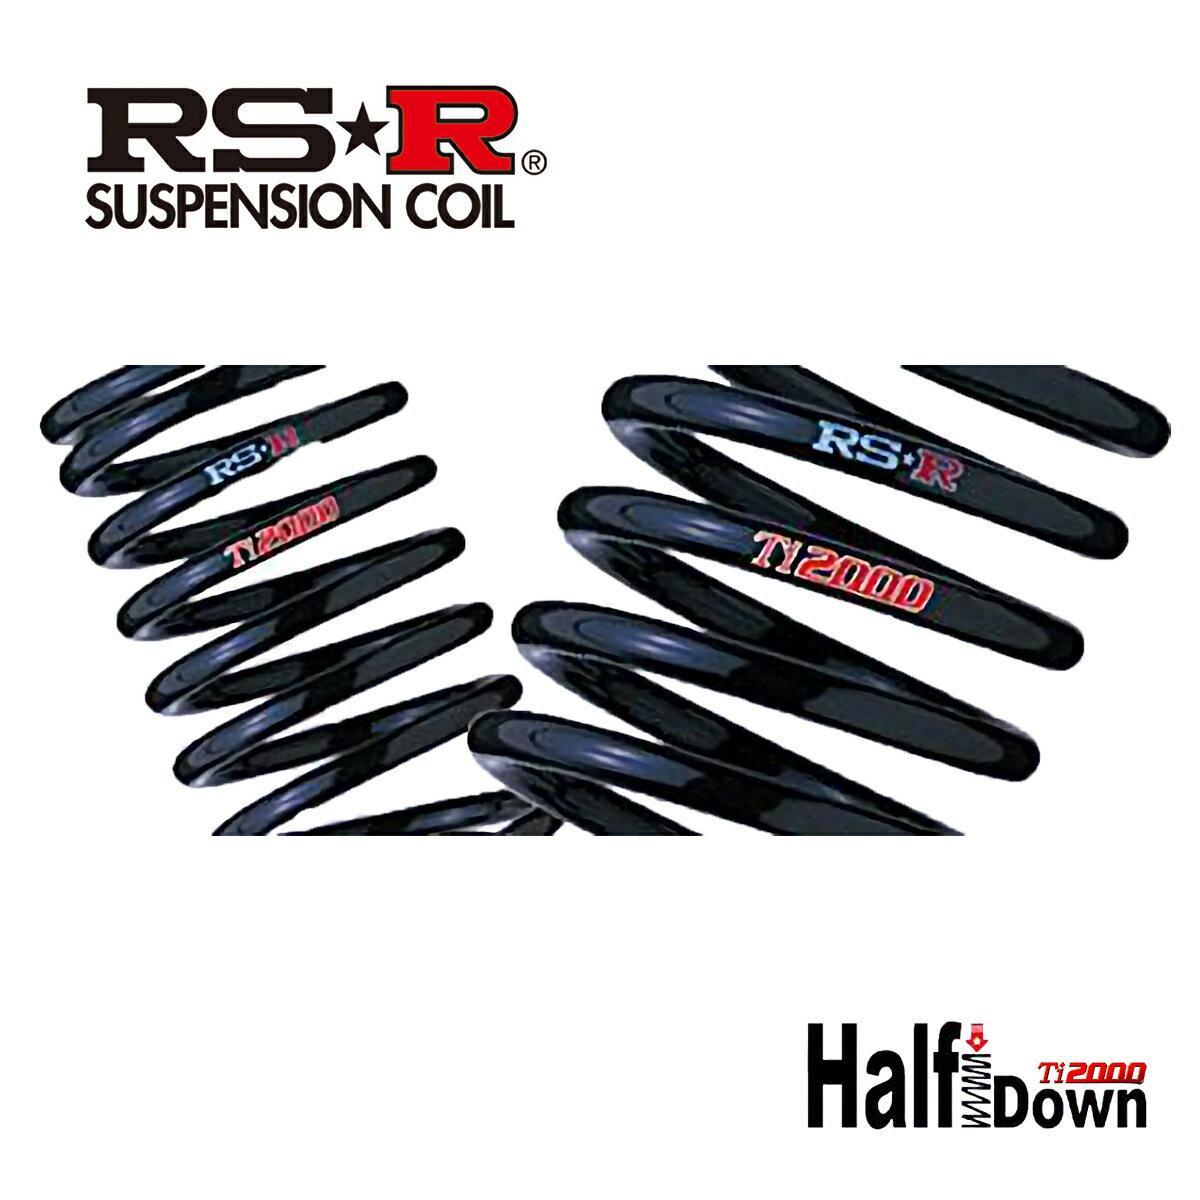 RS-R タンク GS M900A ダウンサス スプリング リア T513THDR Ti2000 ハーフダウン RSR 個人宅発送追金有